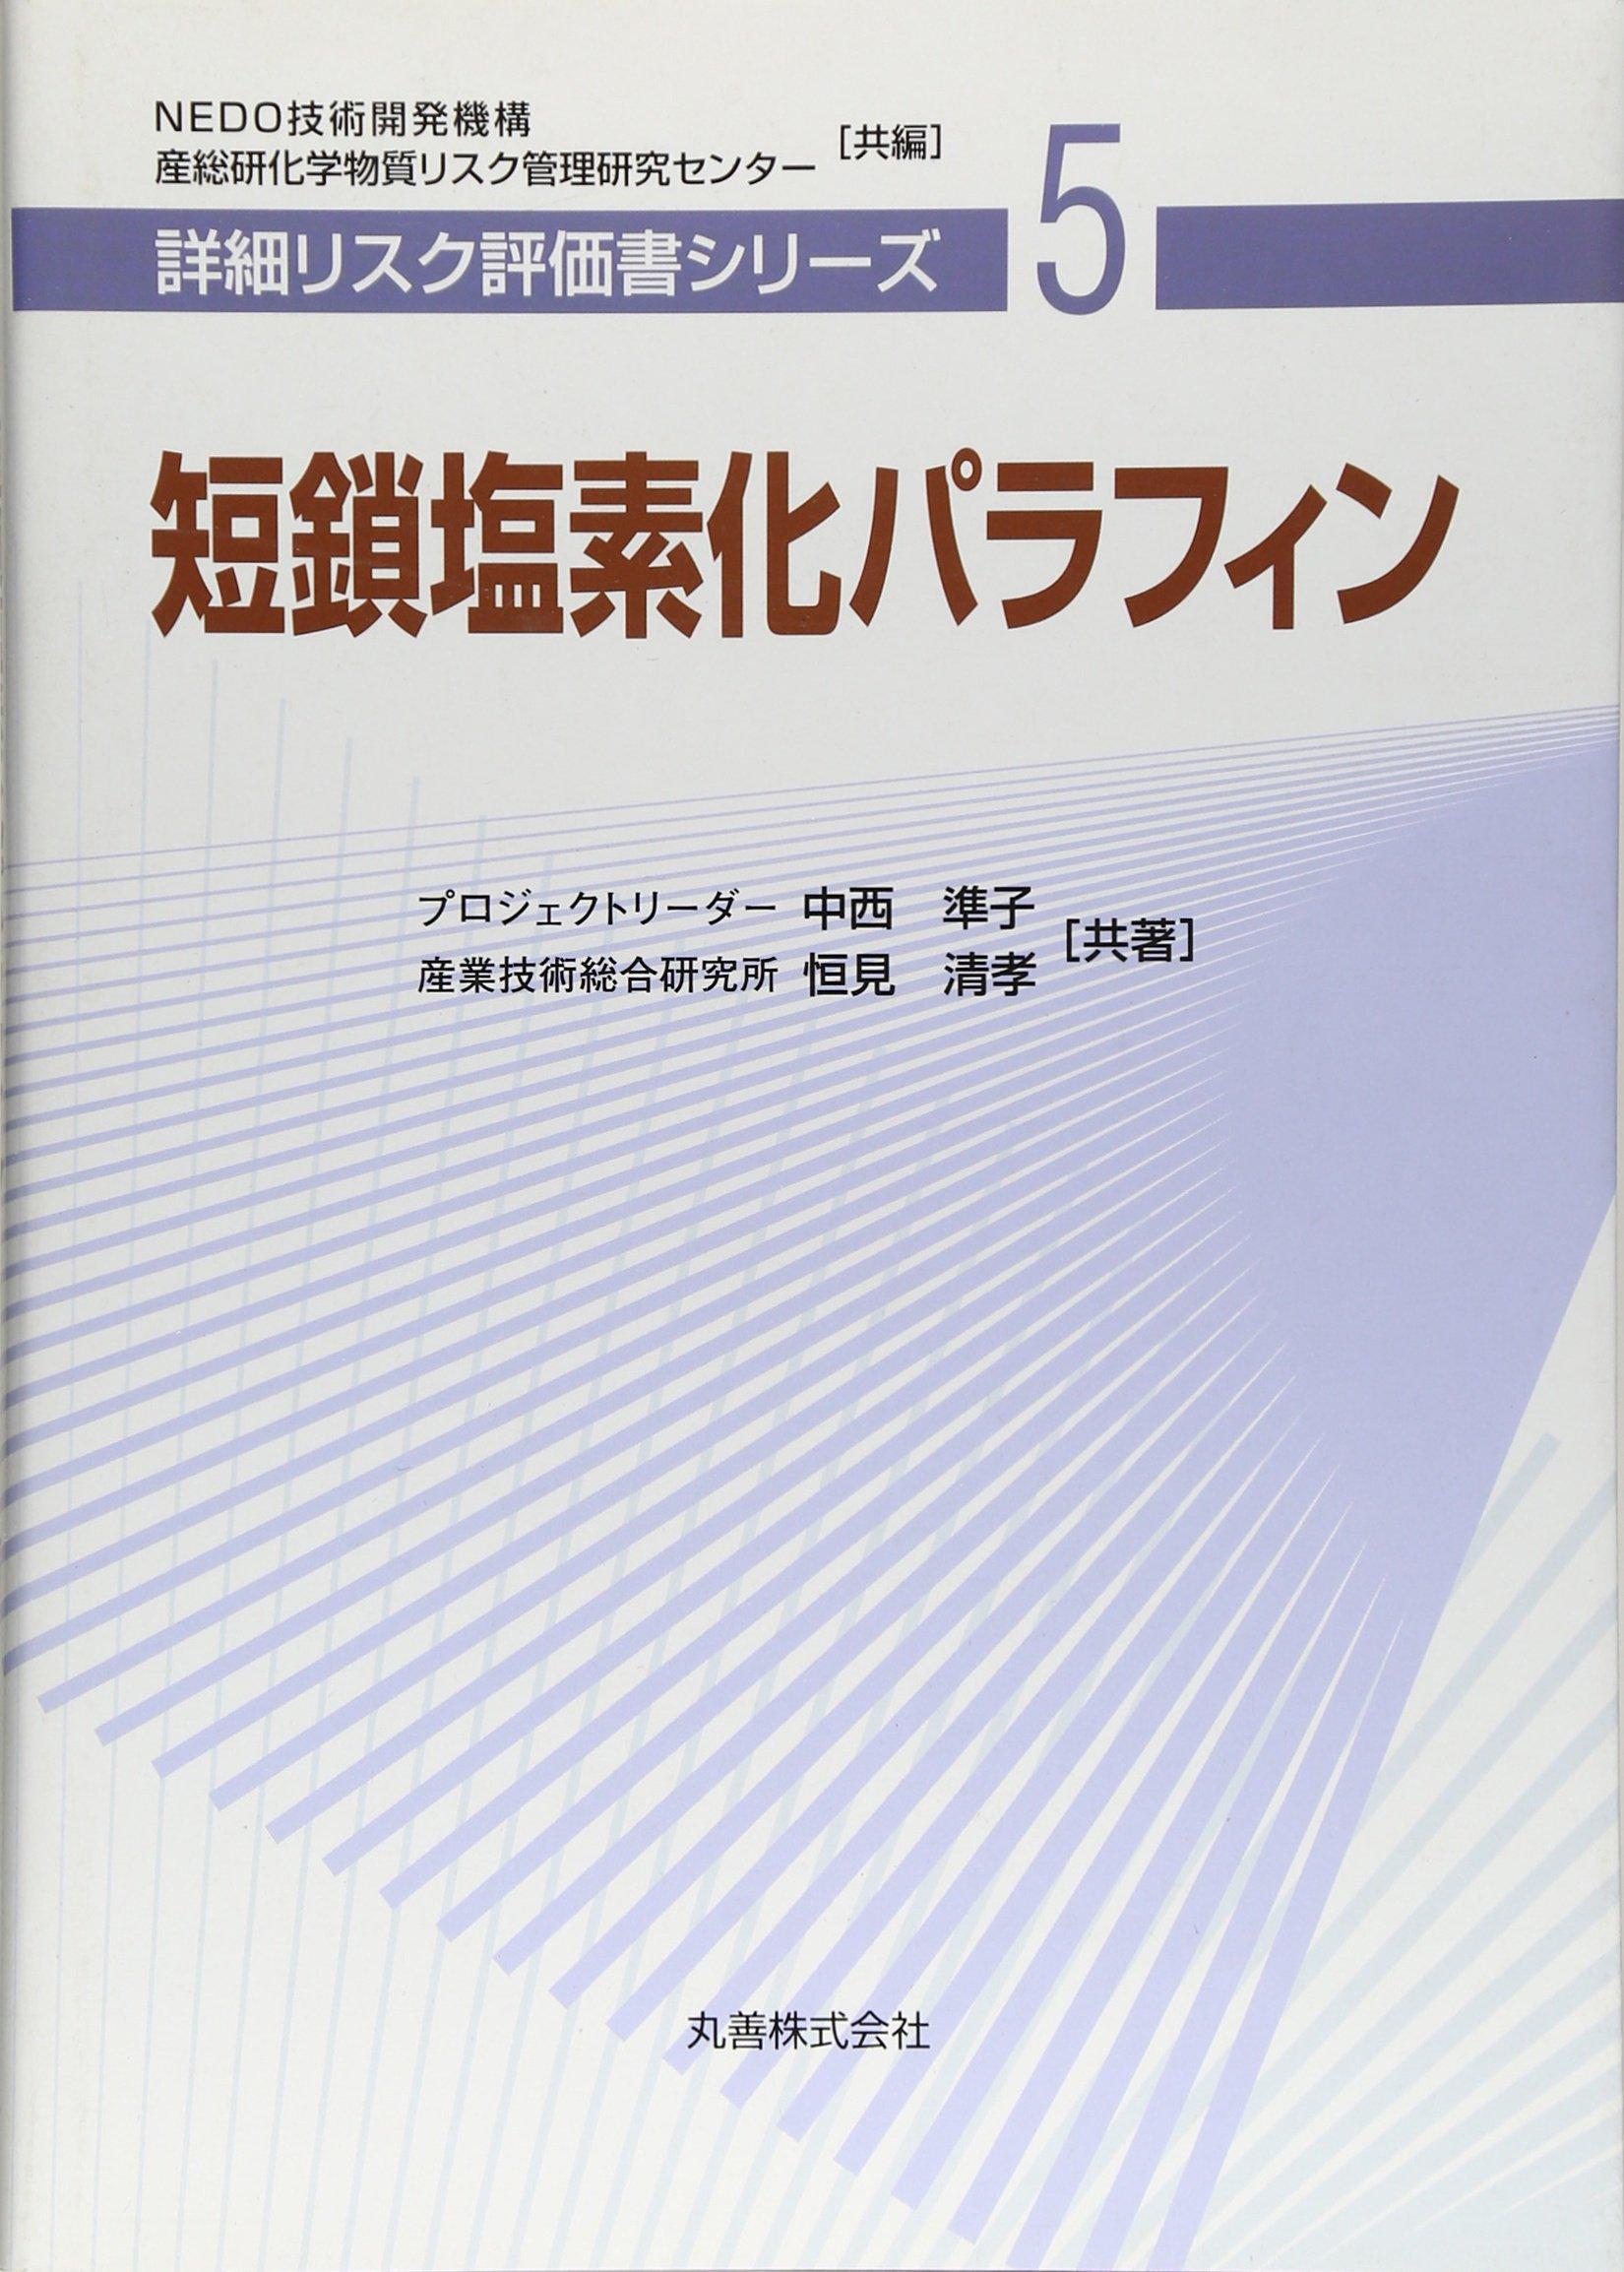 Tansa ensoka parafin pdf